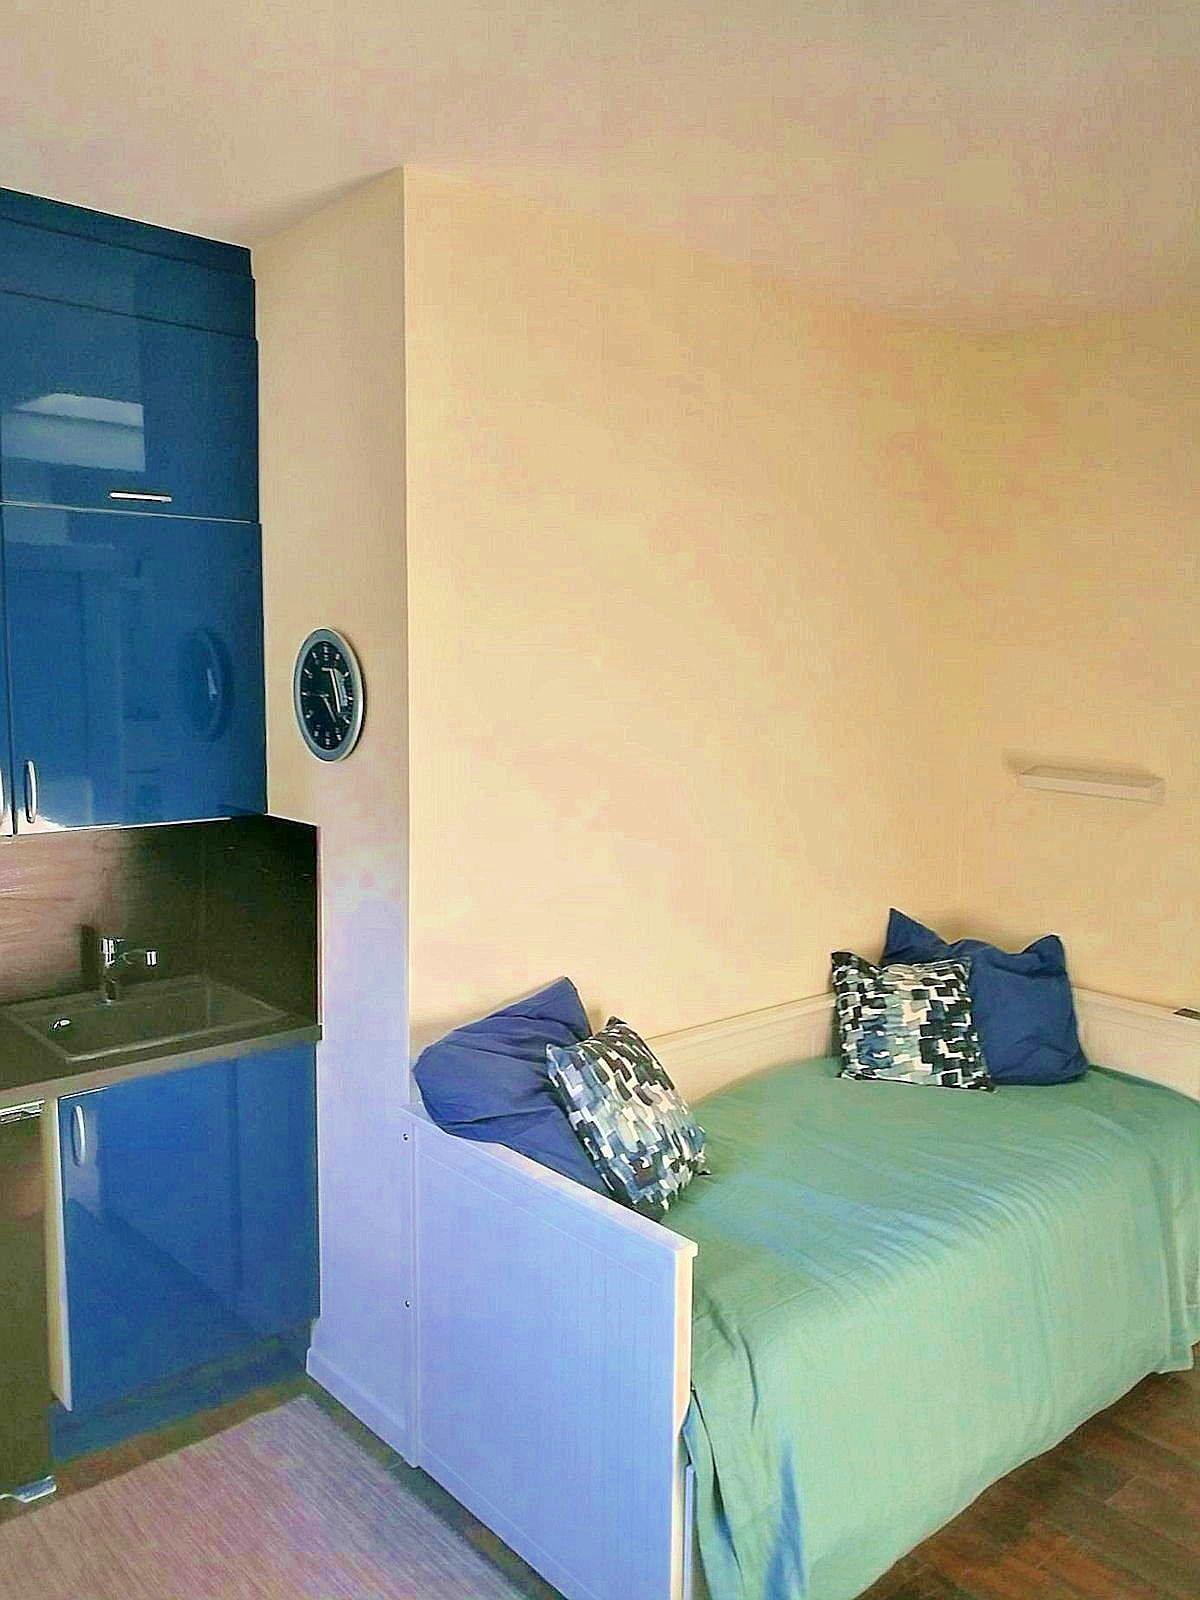 Loue T113m², meublé, rénové, clair, près du Trocadéro à Paris